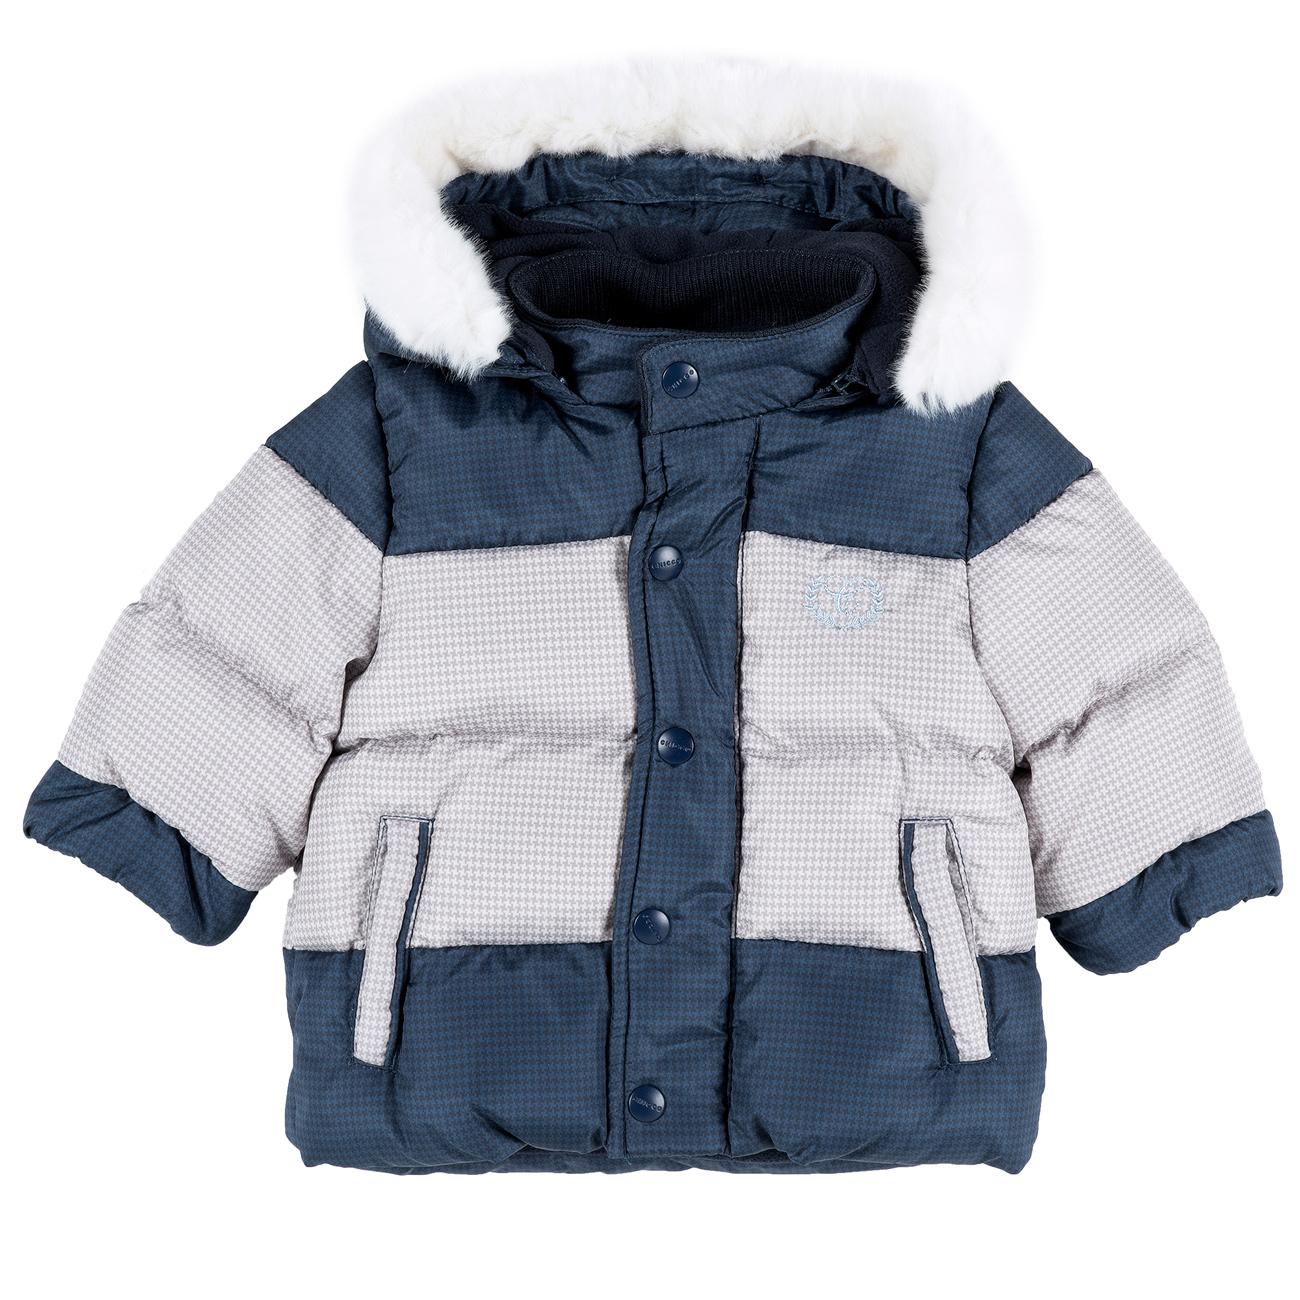 Jacheta copii Chicco, albastru, 87312